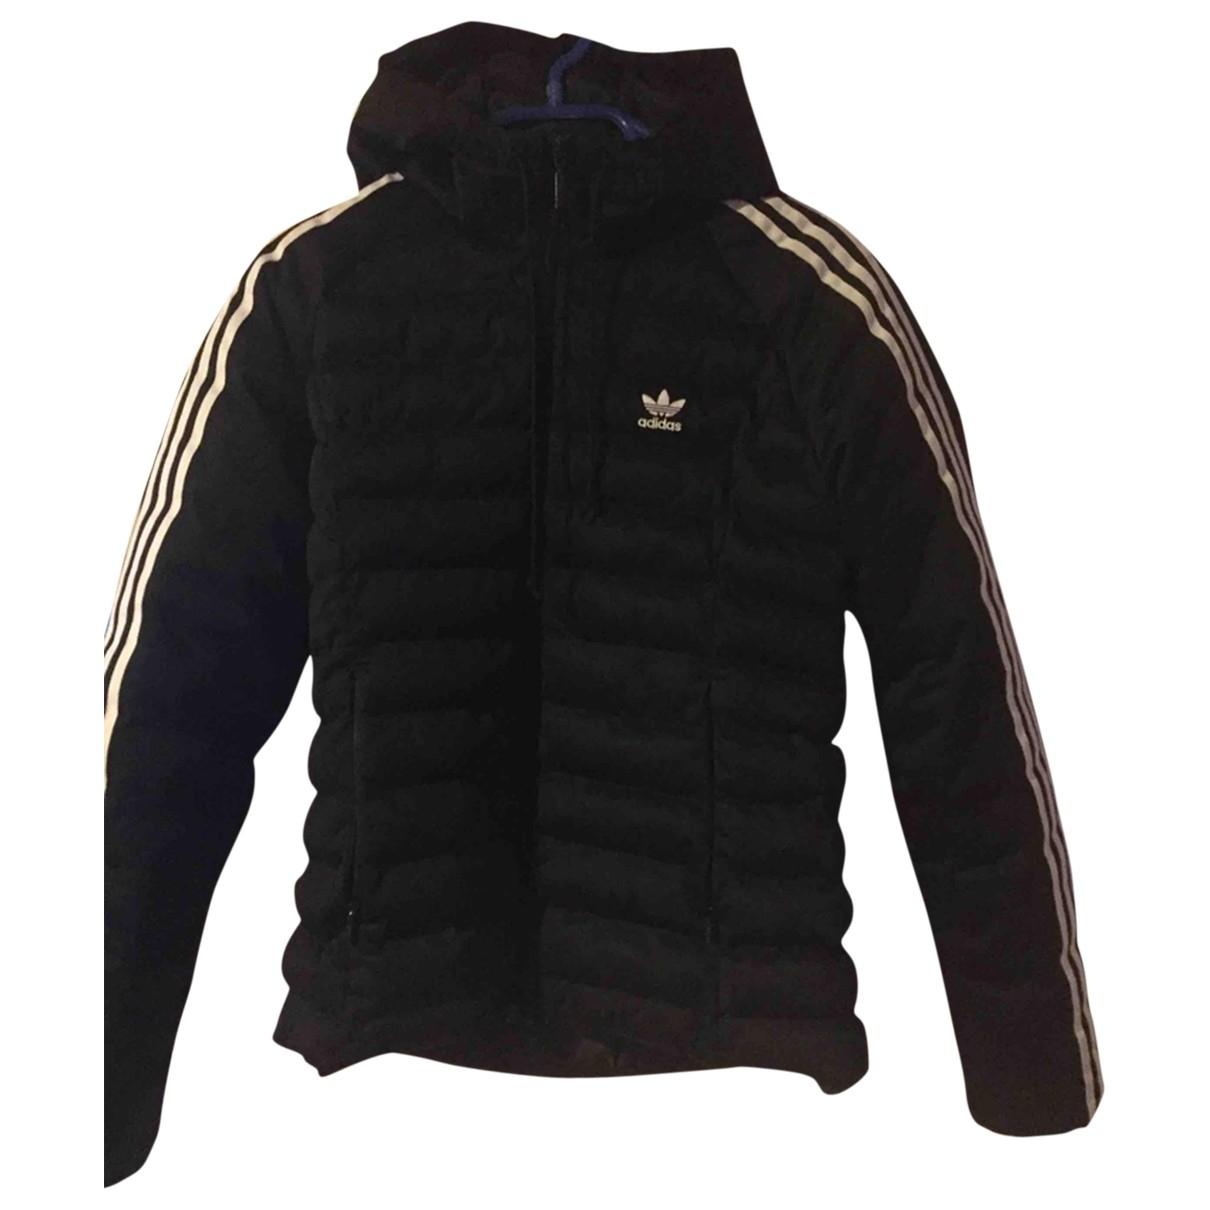 Adidas - Manteau   pour femme - noir